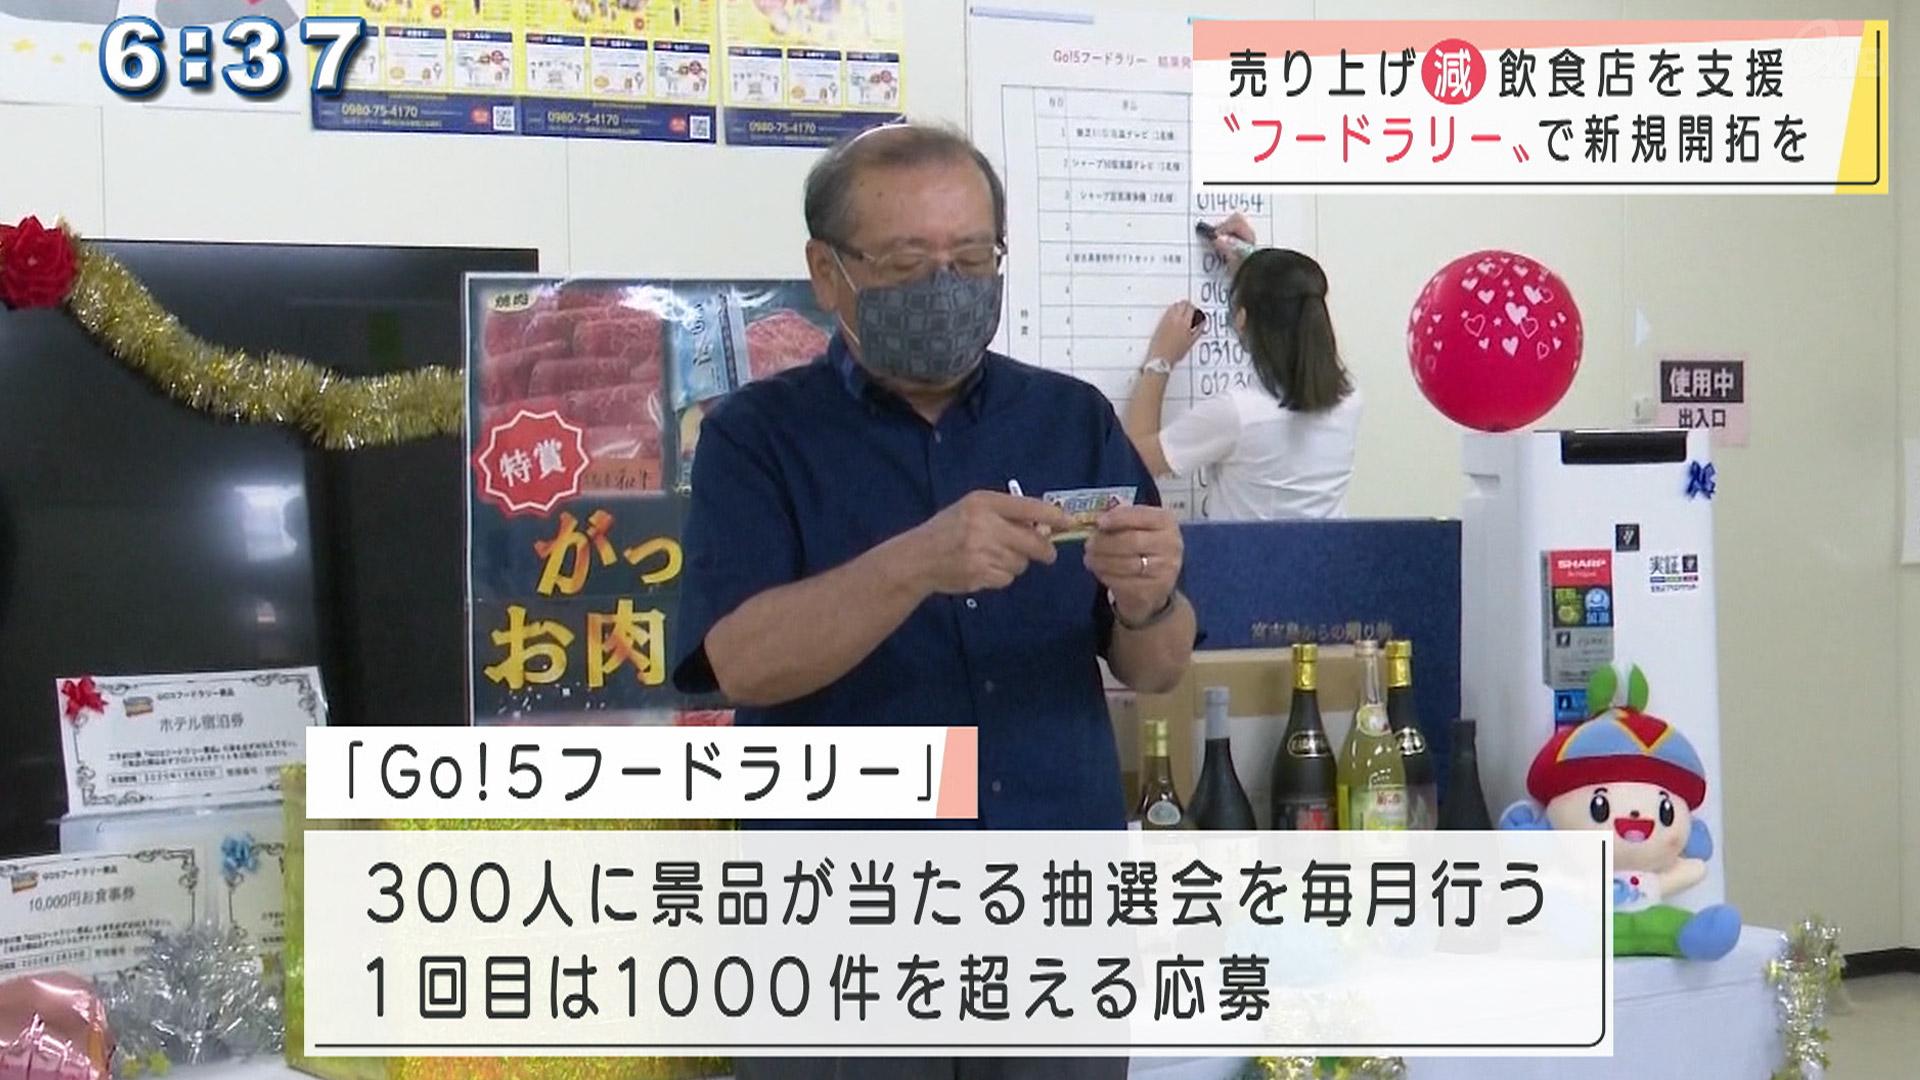 宮古島市が「Go!5フードラリー」